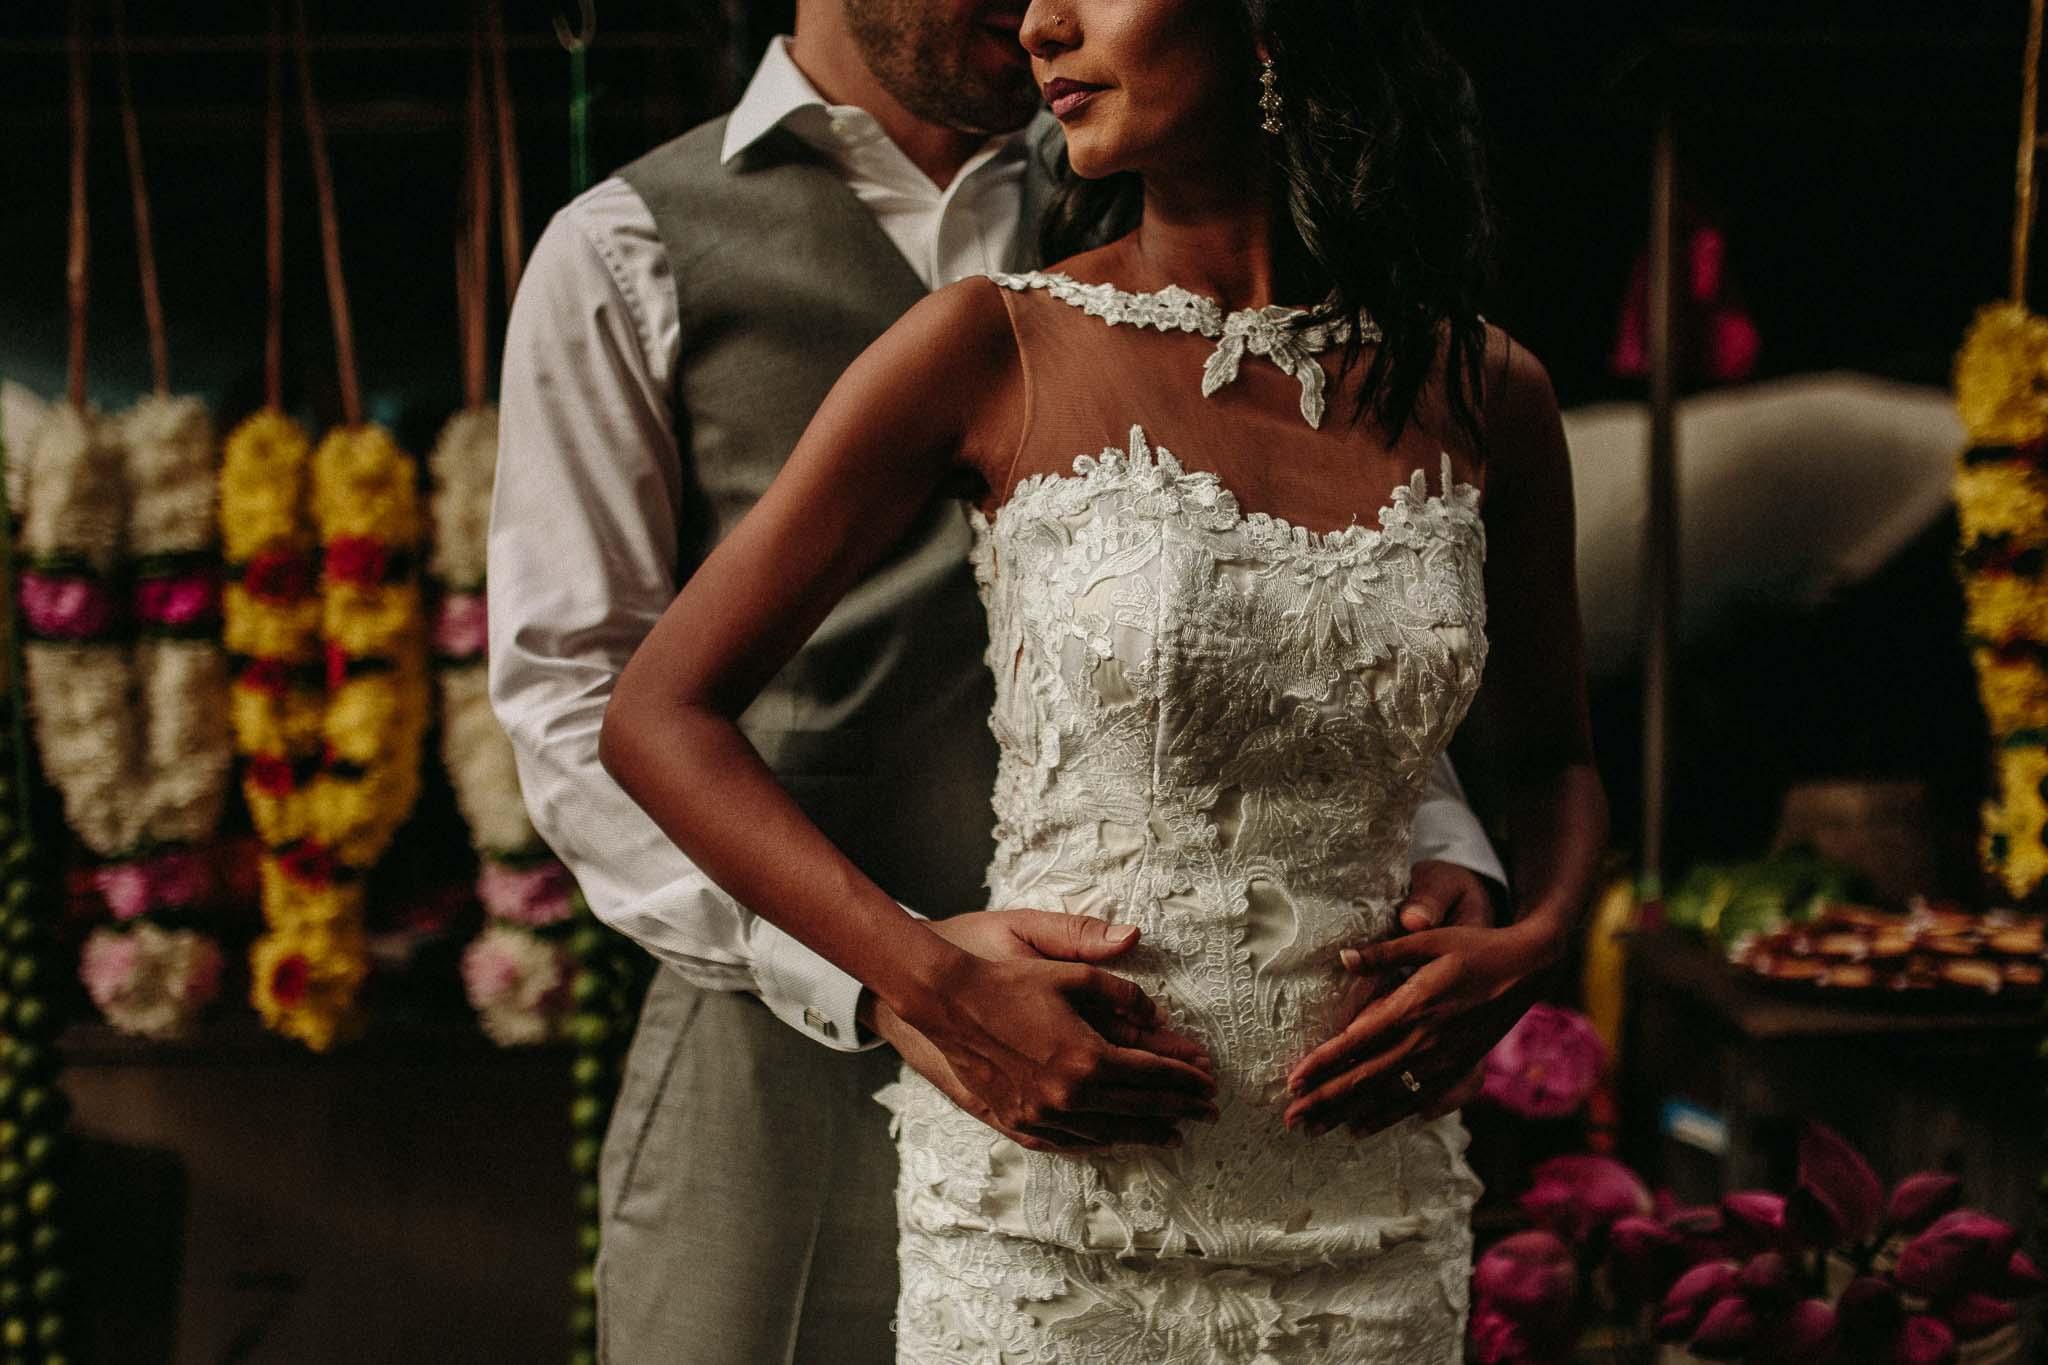 u&m-weddingsbyqay-lovesession-destinationweddingphotographer (77 of 160).jpg